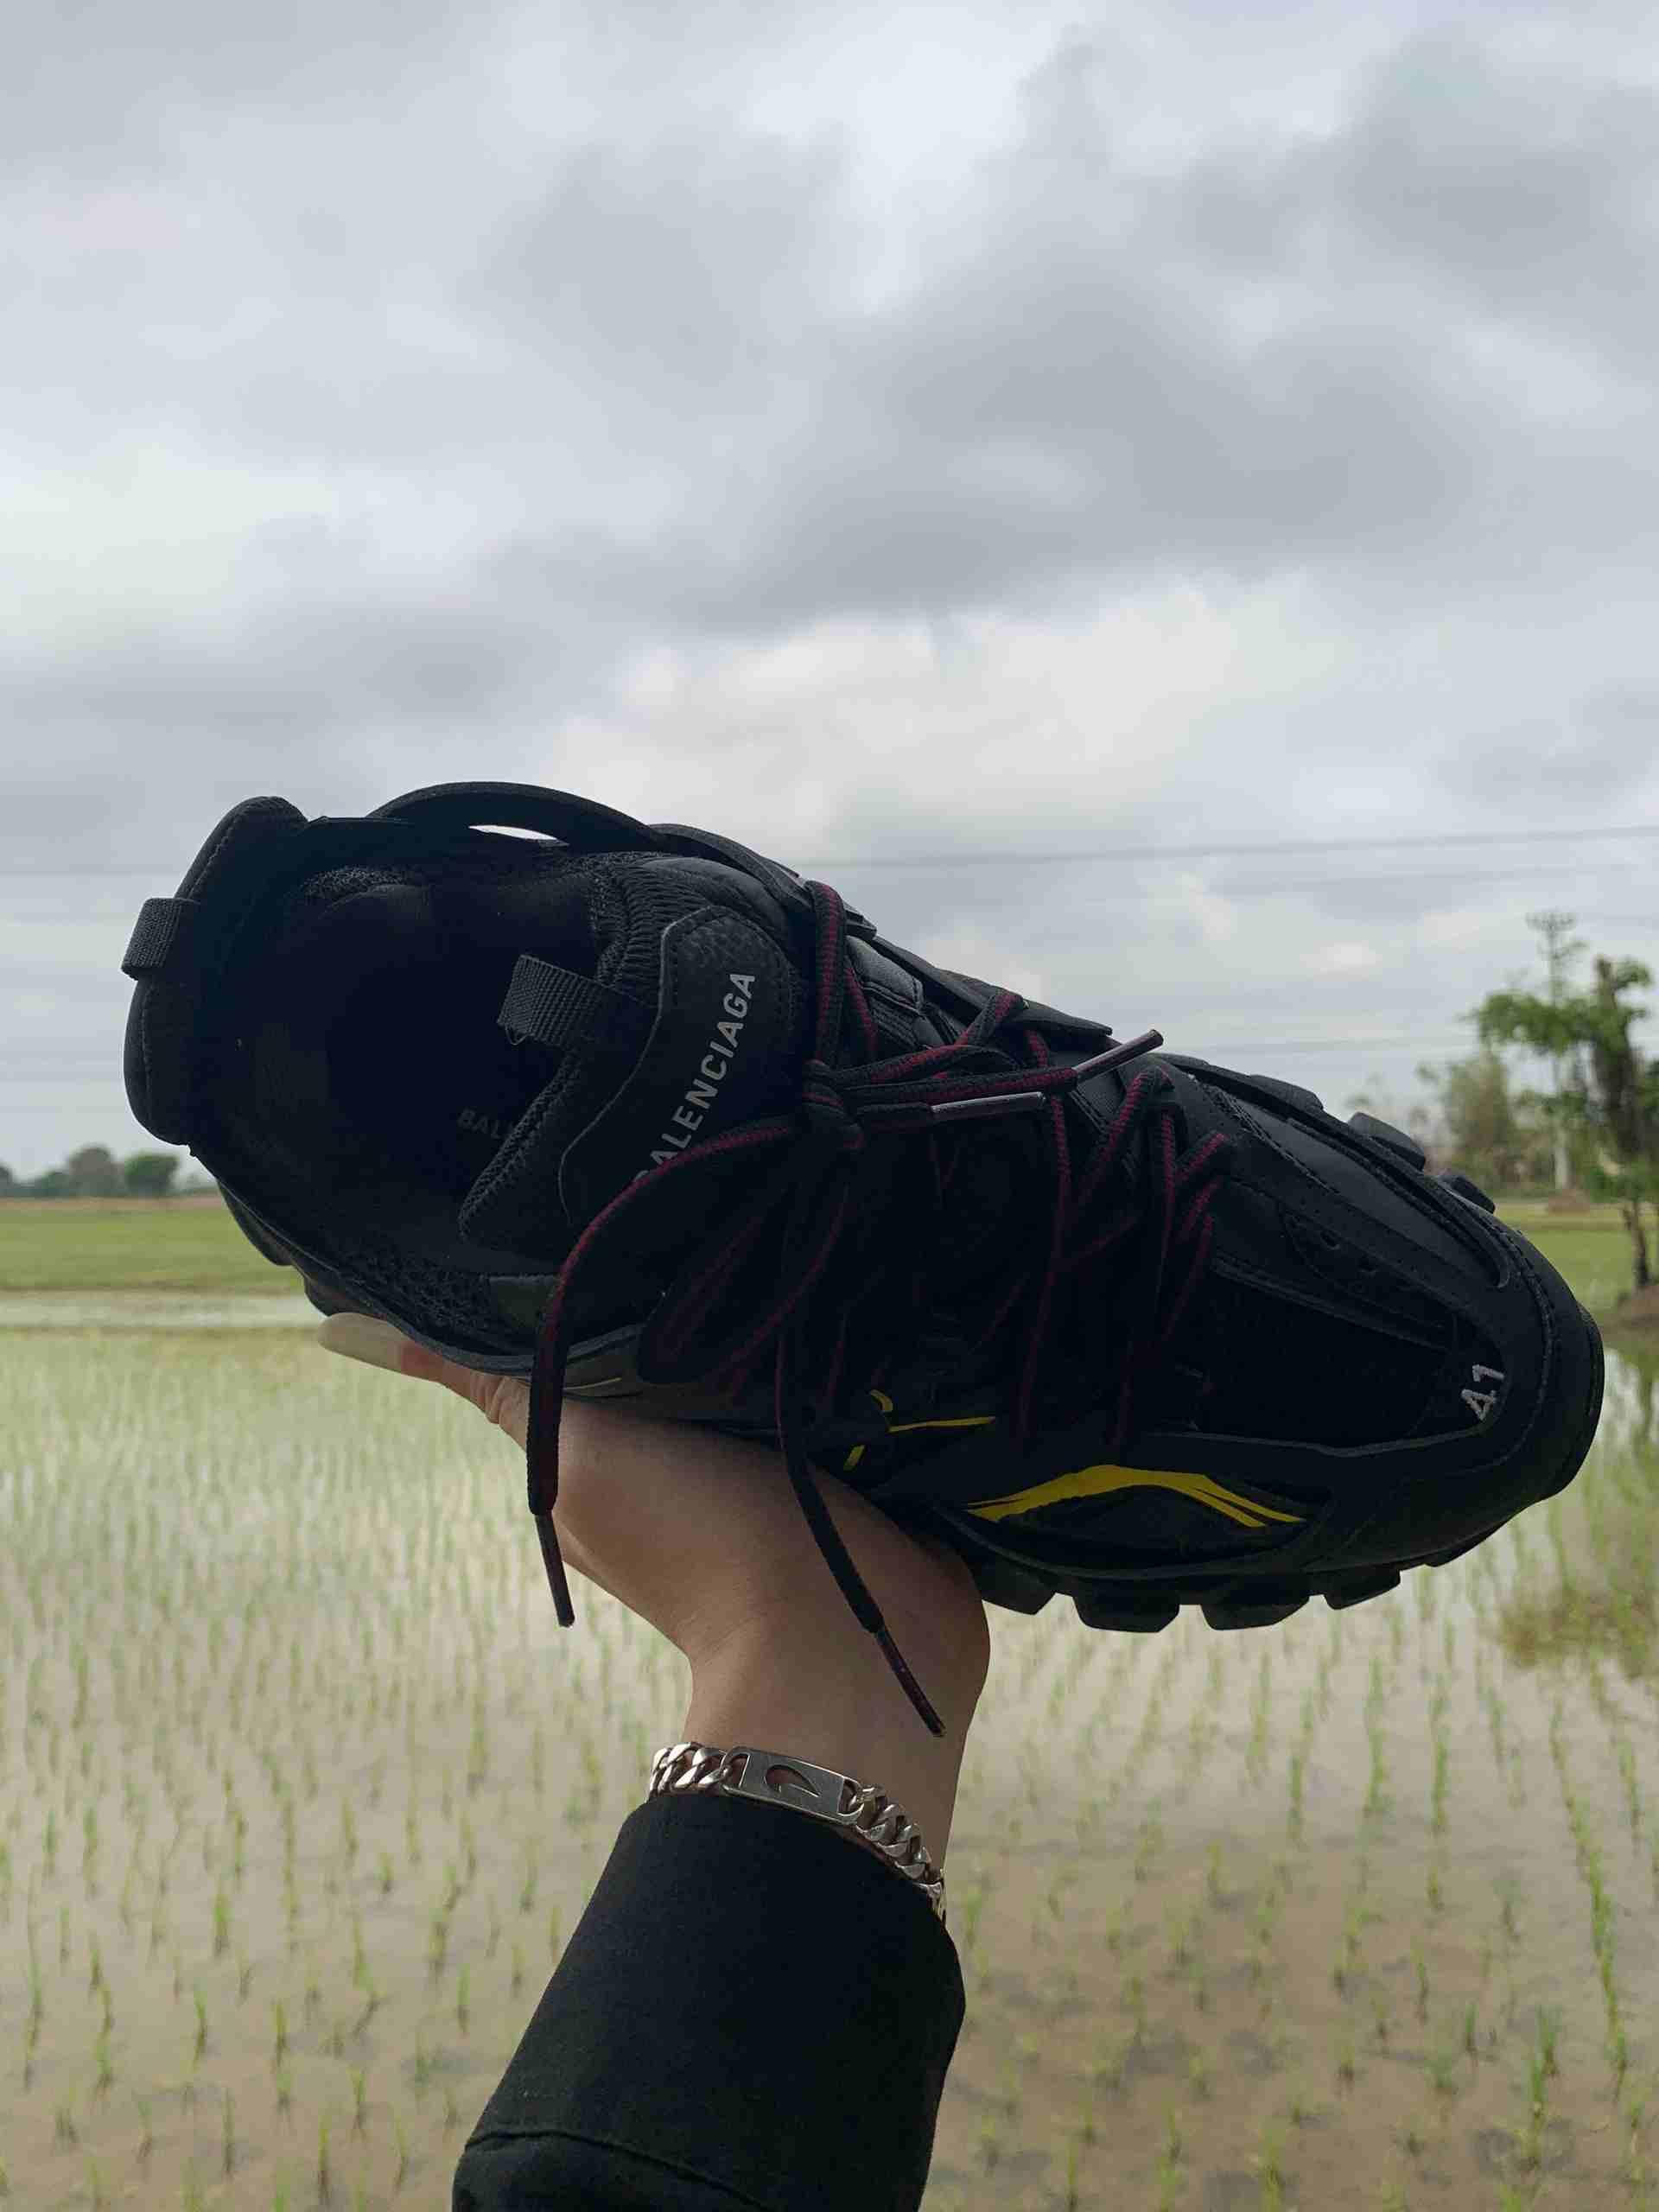 Balenciaga Track Đen Vàng rep 1:1 có thiết kế lưỡi gà cao và đệm dày nâng đỡ bàn chân